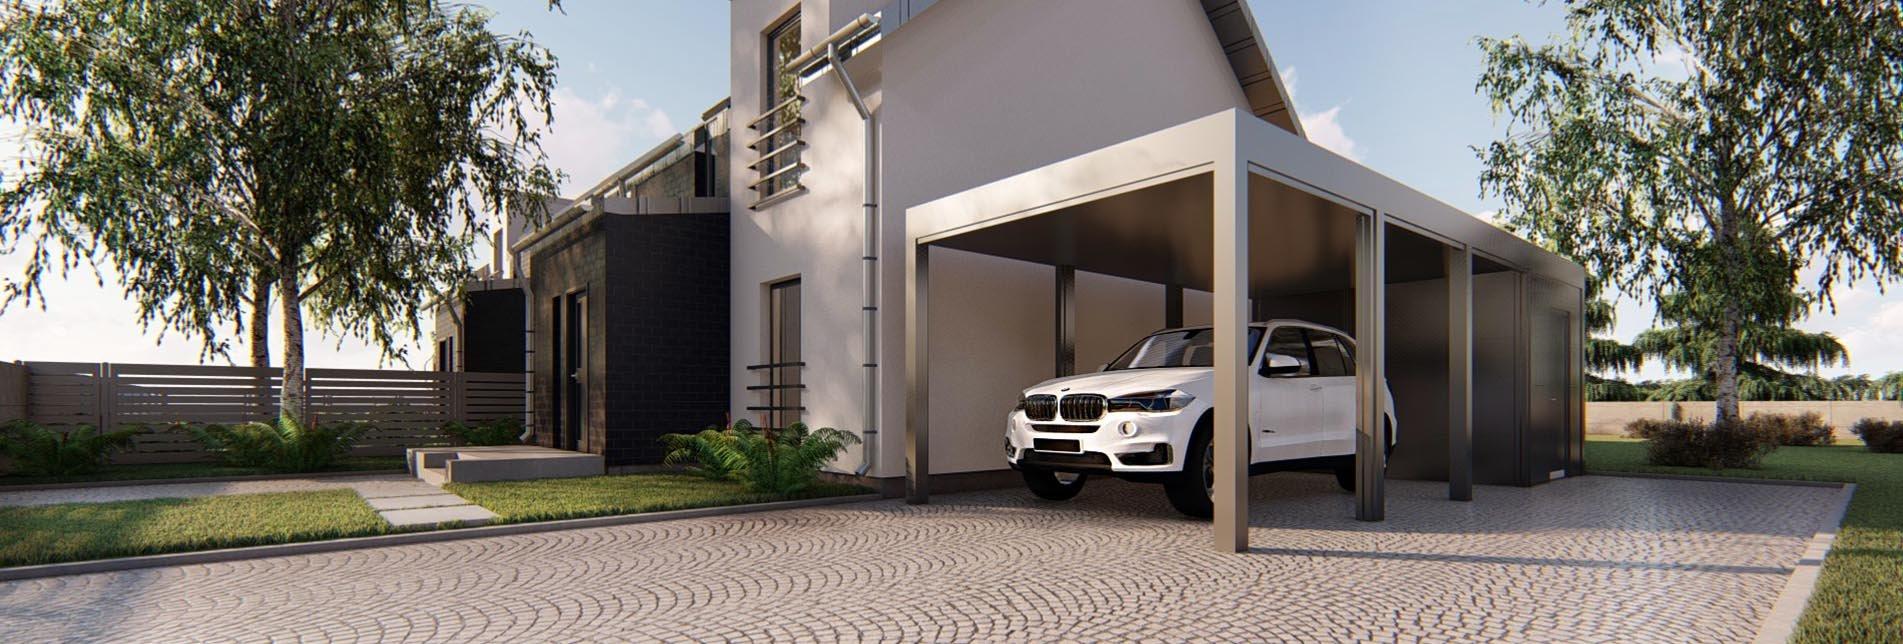 Carport - wiata garażowa pojedyńcza